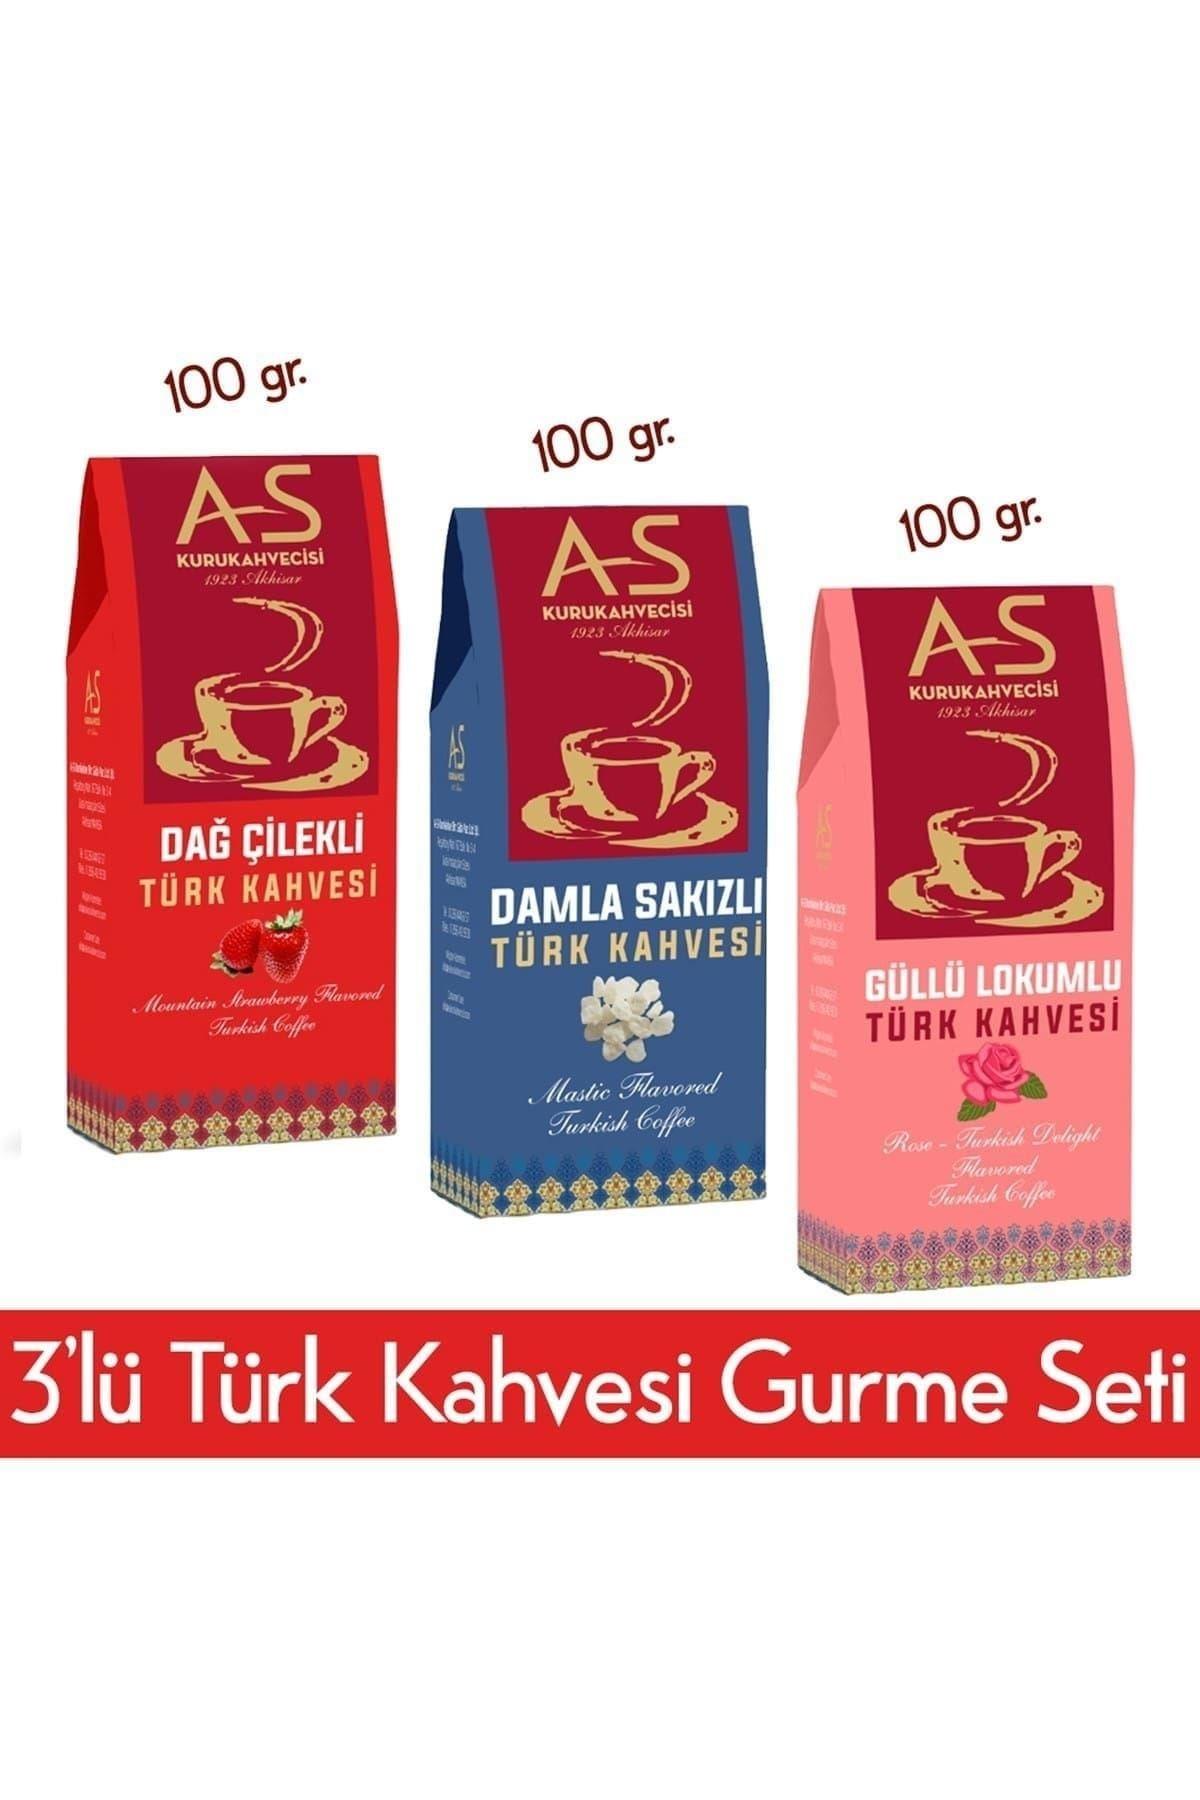 3'lü Türk Kahvesi Gurme Seti